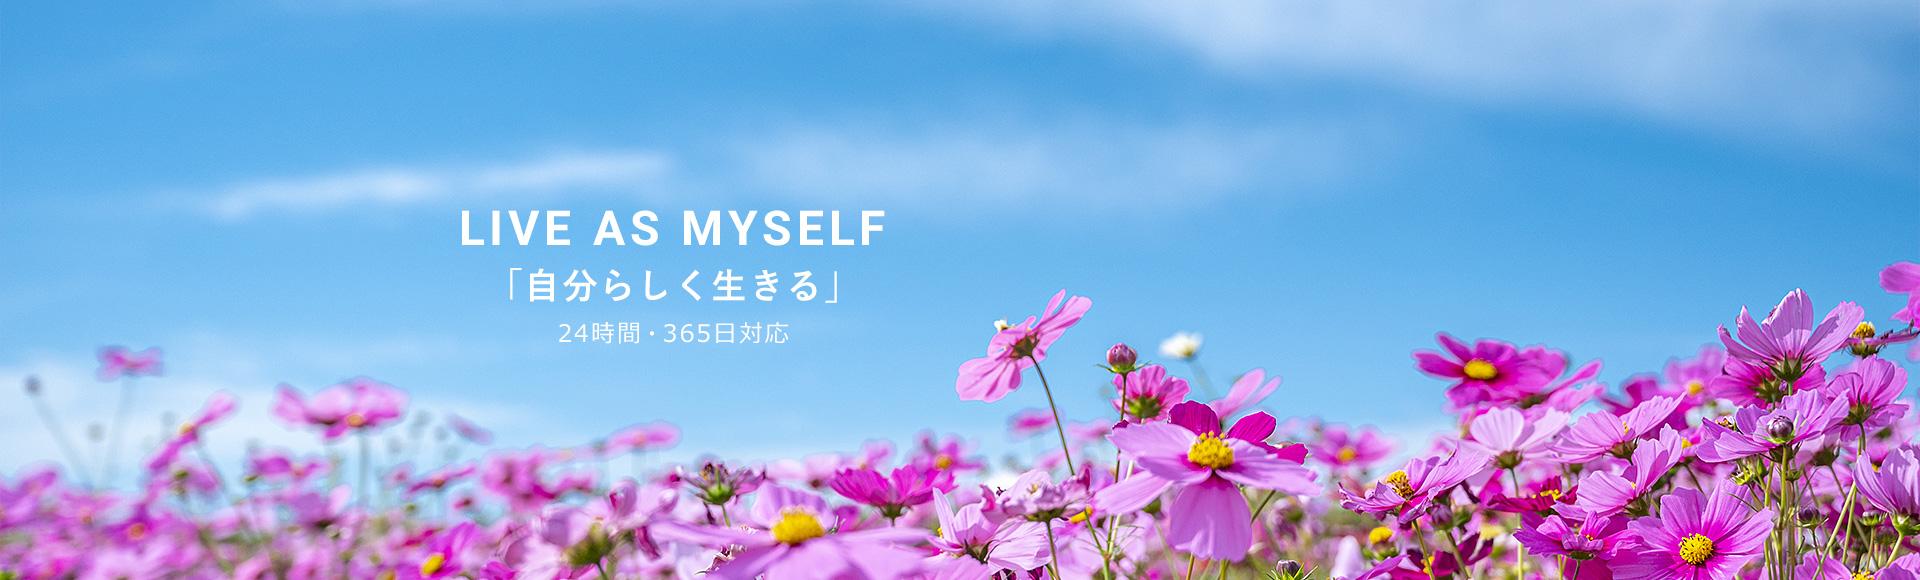 LIVE AS MYSELF「自分らしく生きる」24時間・365日対応